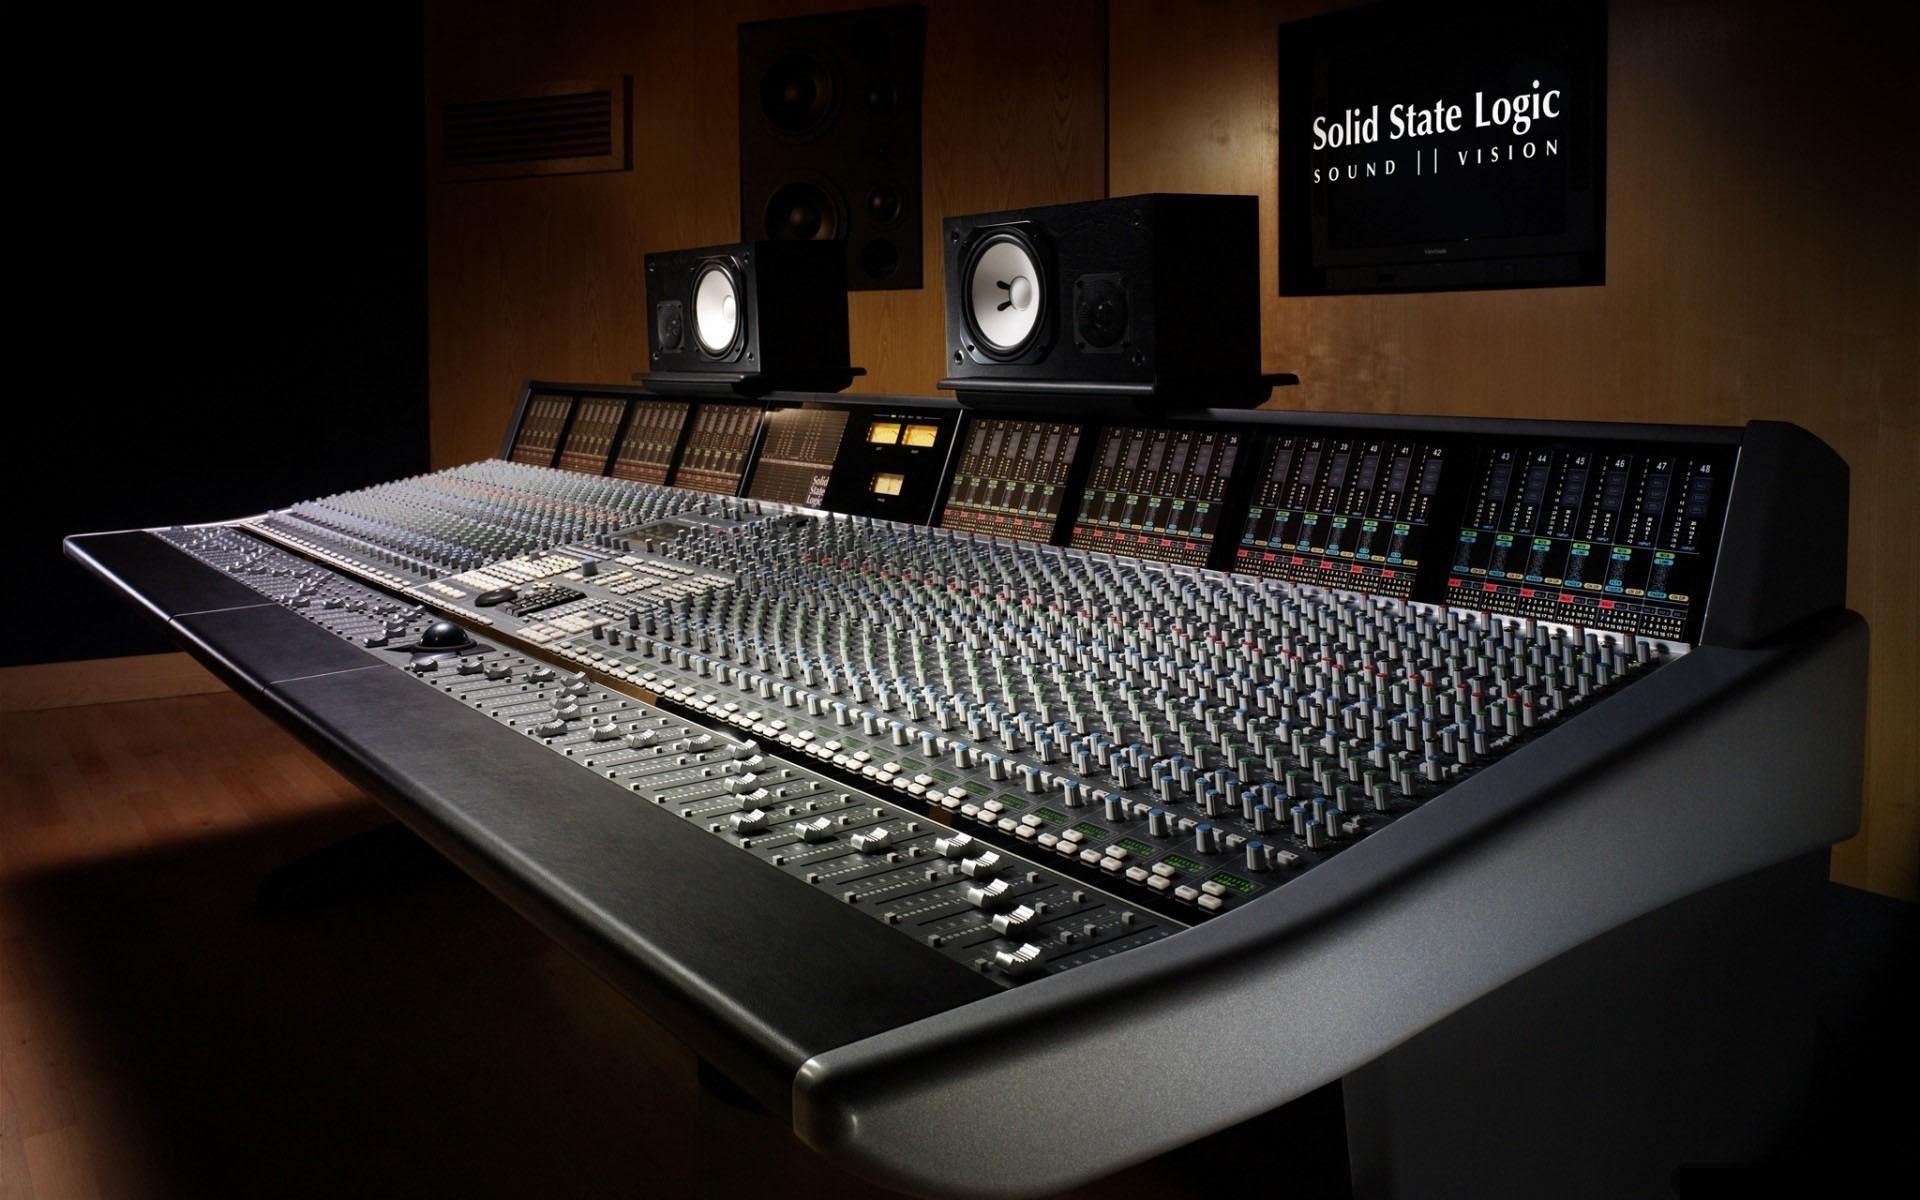 Music Studio Wallpaper Music, Studio, Machines